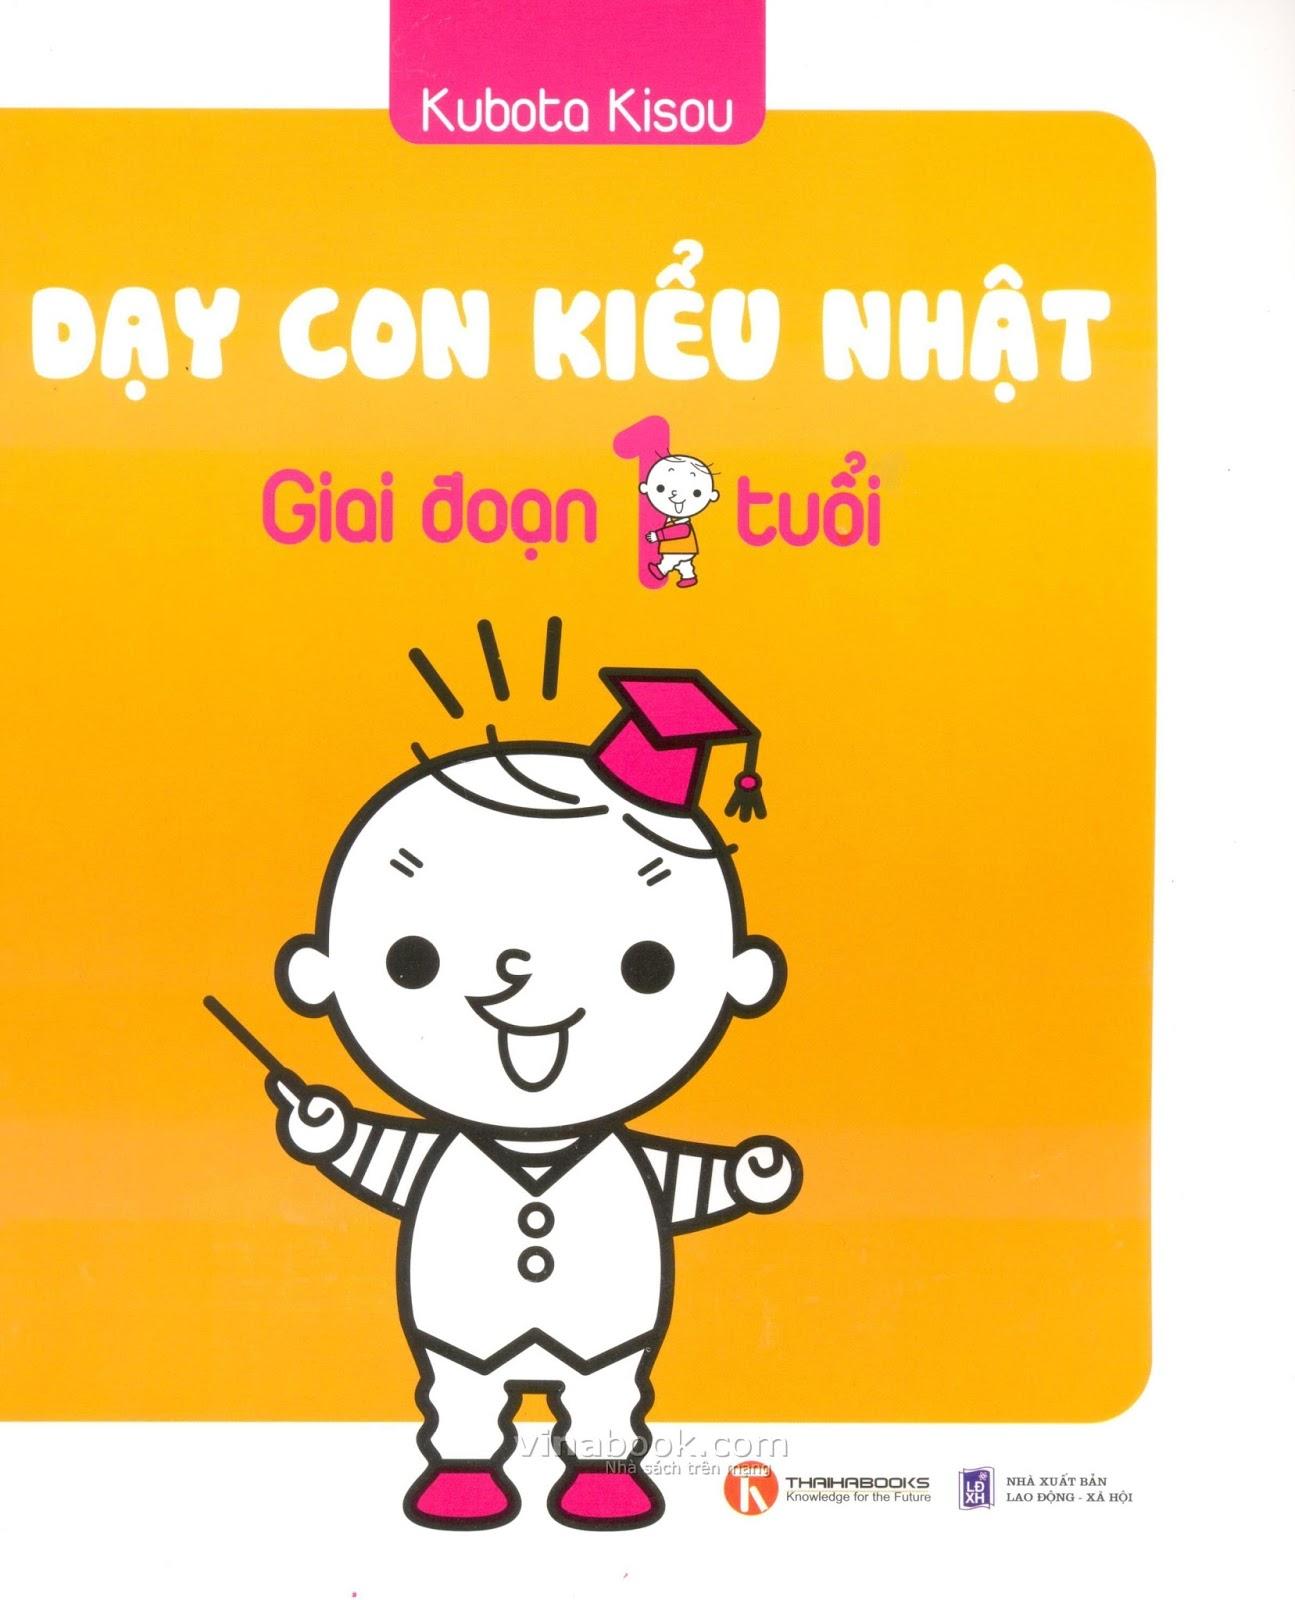 Dạy con kiểu Nhật - Giai đoạn 1 tuổi